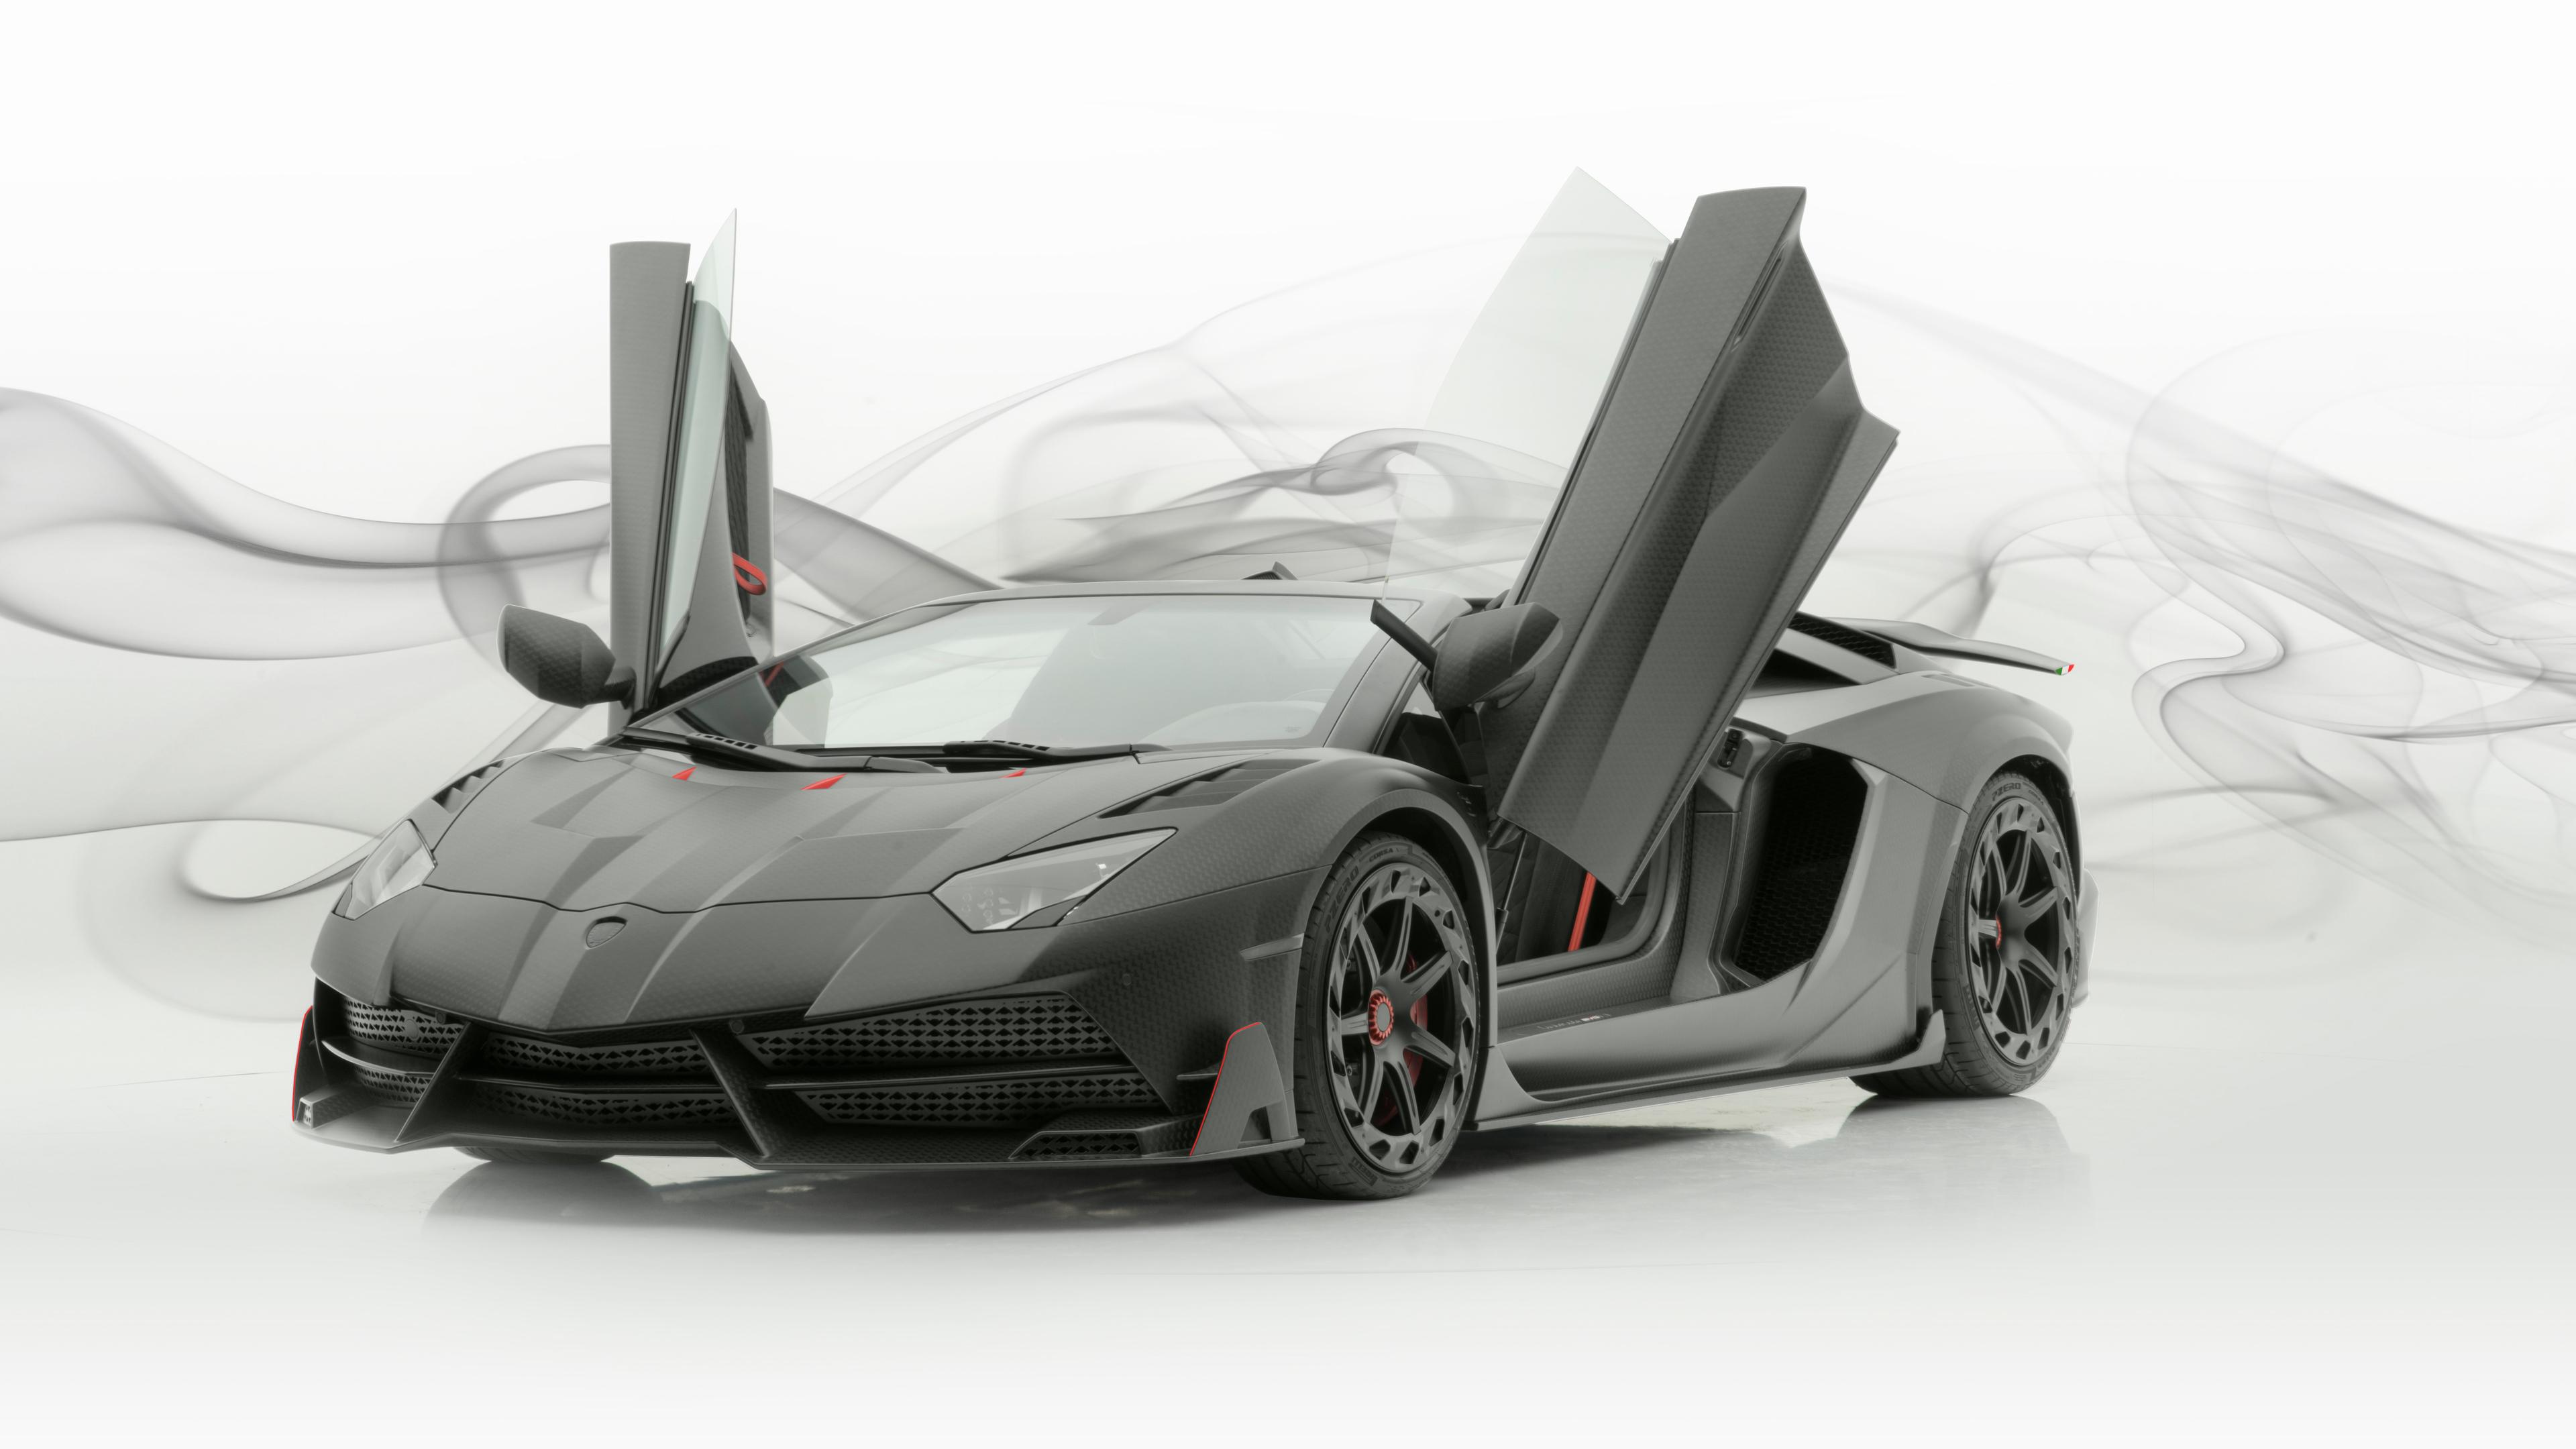 2048x2048 2018 Lamborghini Aventador Svj 4k Ipad Air Hd 4k: Mansory Lamborghini Aventador Carbonado Evo Roadster 2019